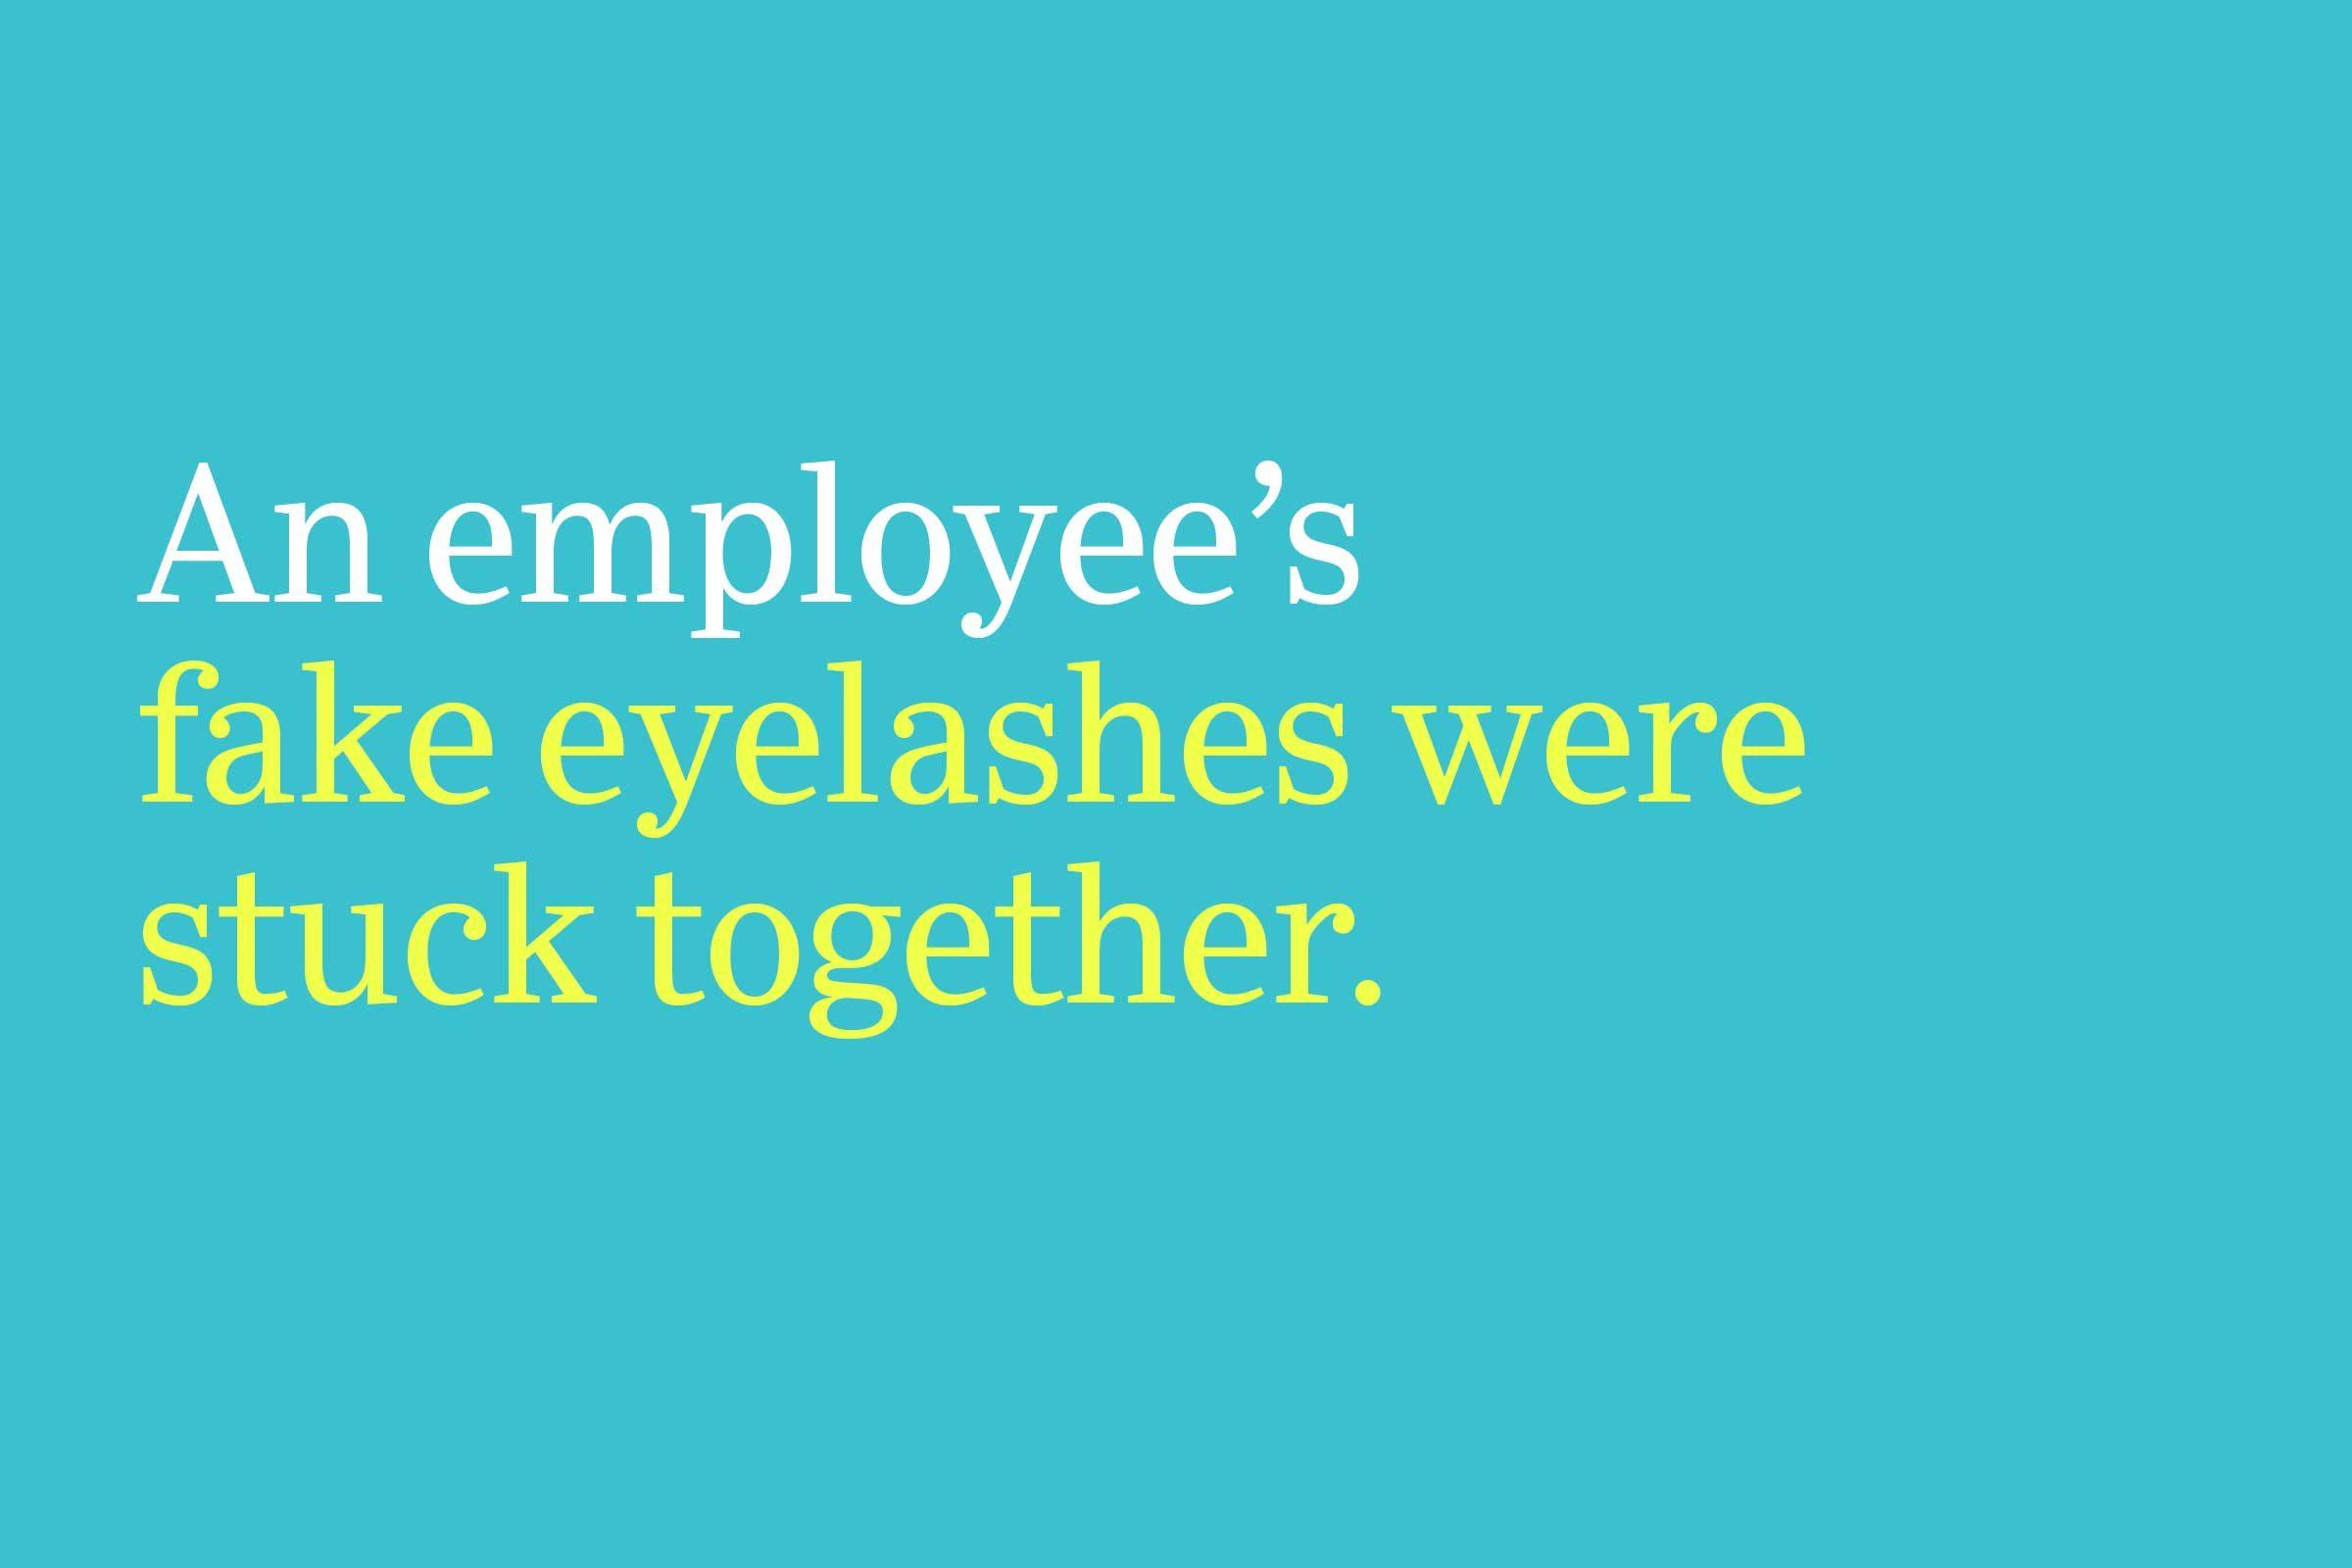 fake eyelashes were stuck together